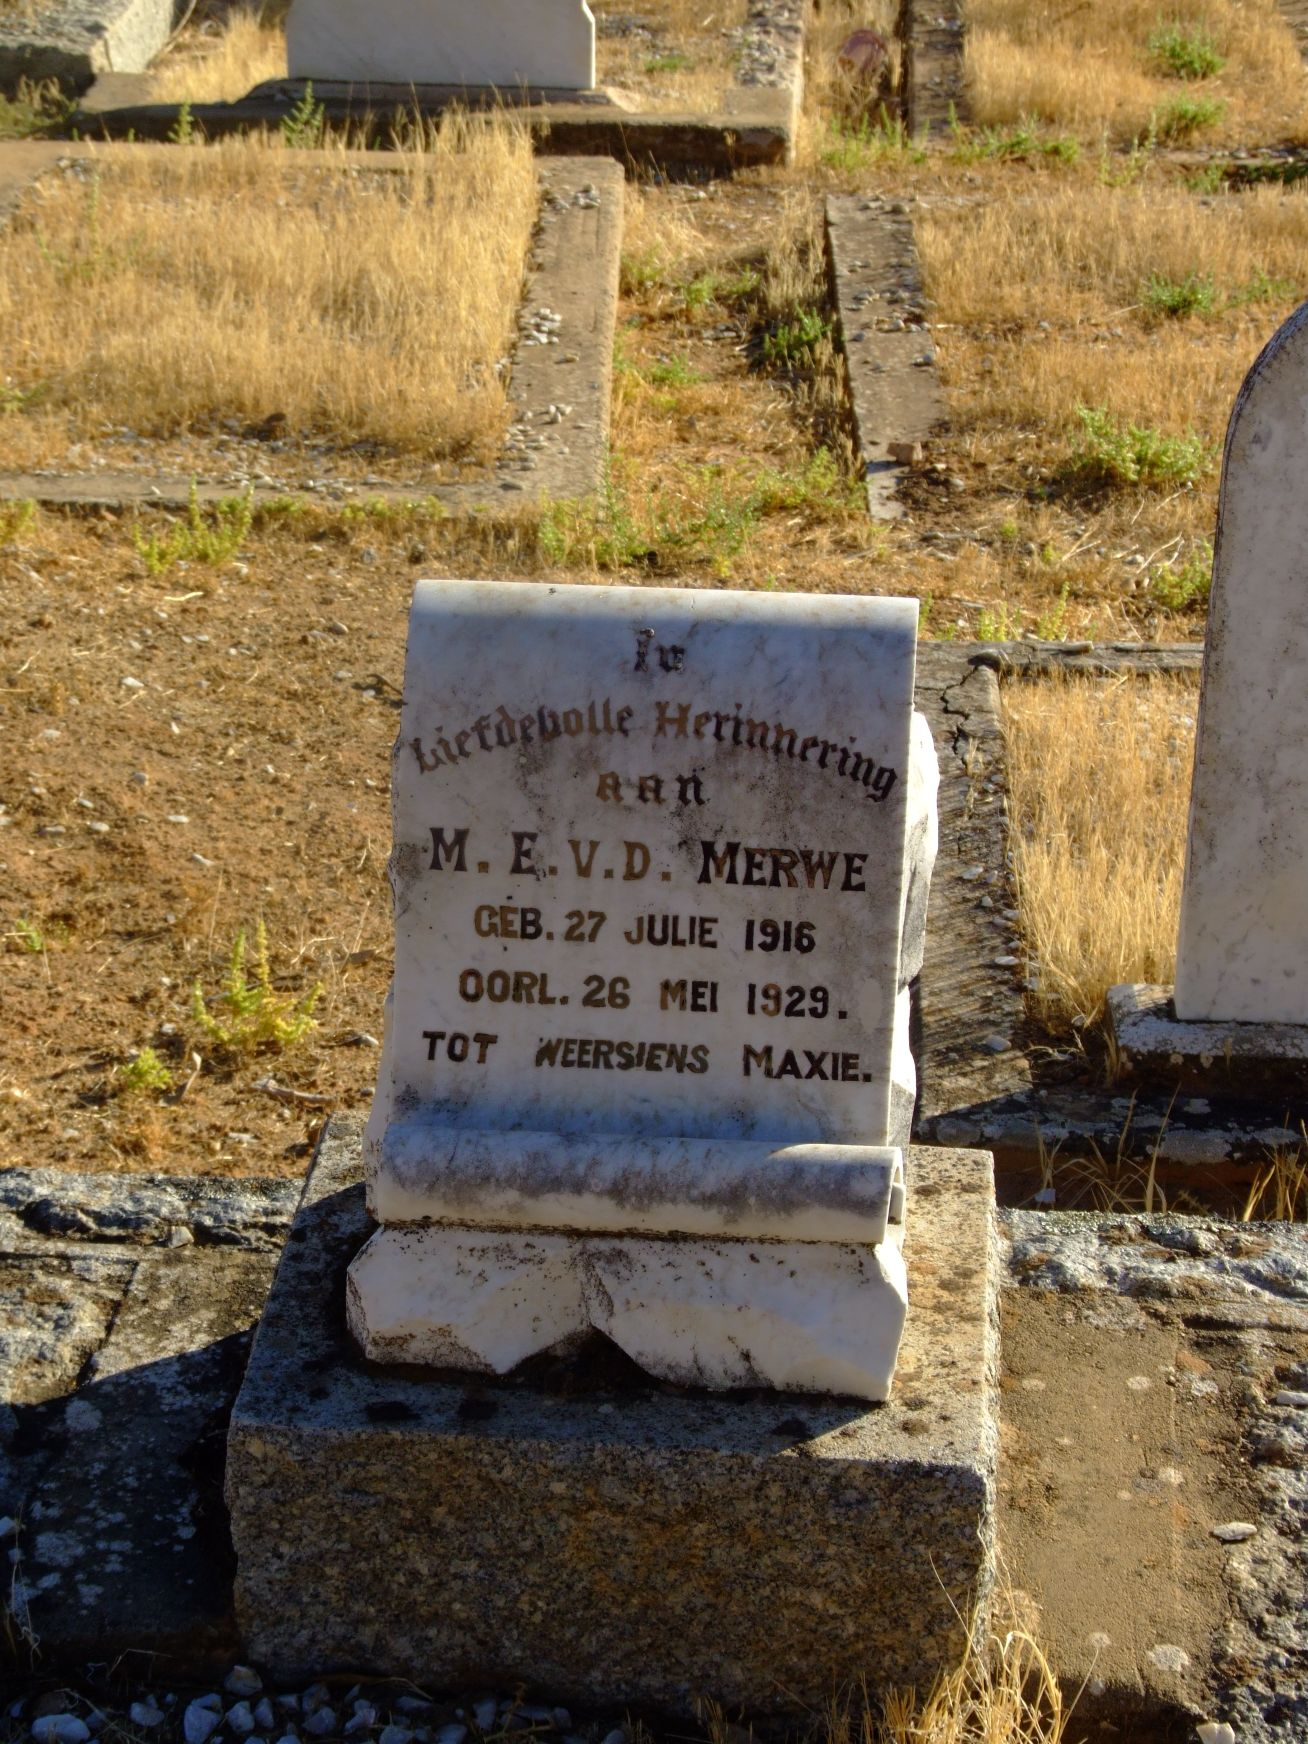 van der Merwe, Maxie E.